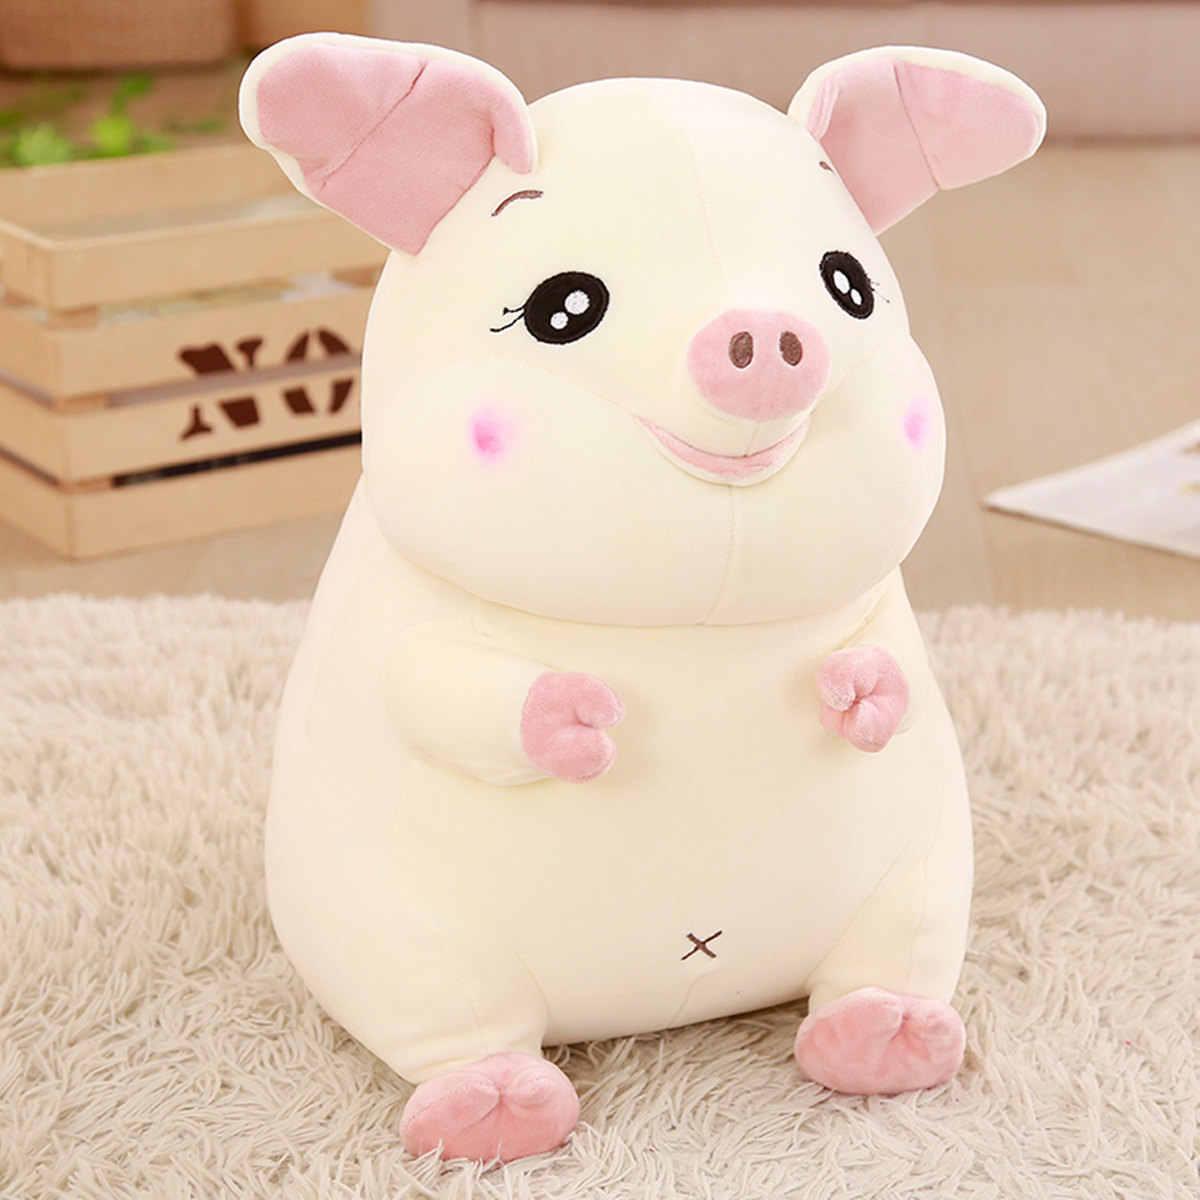 Caliente 2019 nuevo suave cerdo rosa de peluche de juguete suave de peluche lindo Animal cerdo muñecas encantadoras para niños Appease juguete bebé la habitación de decoración